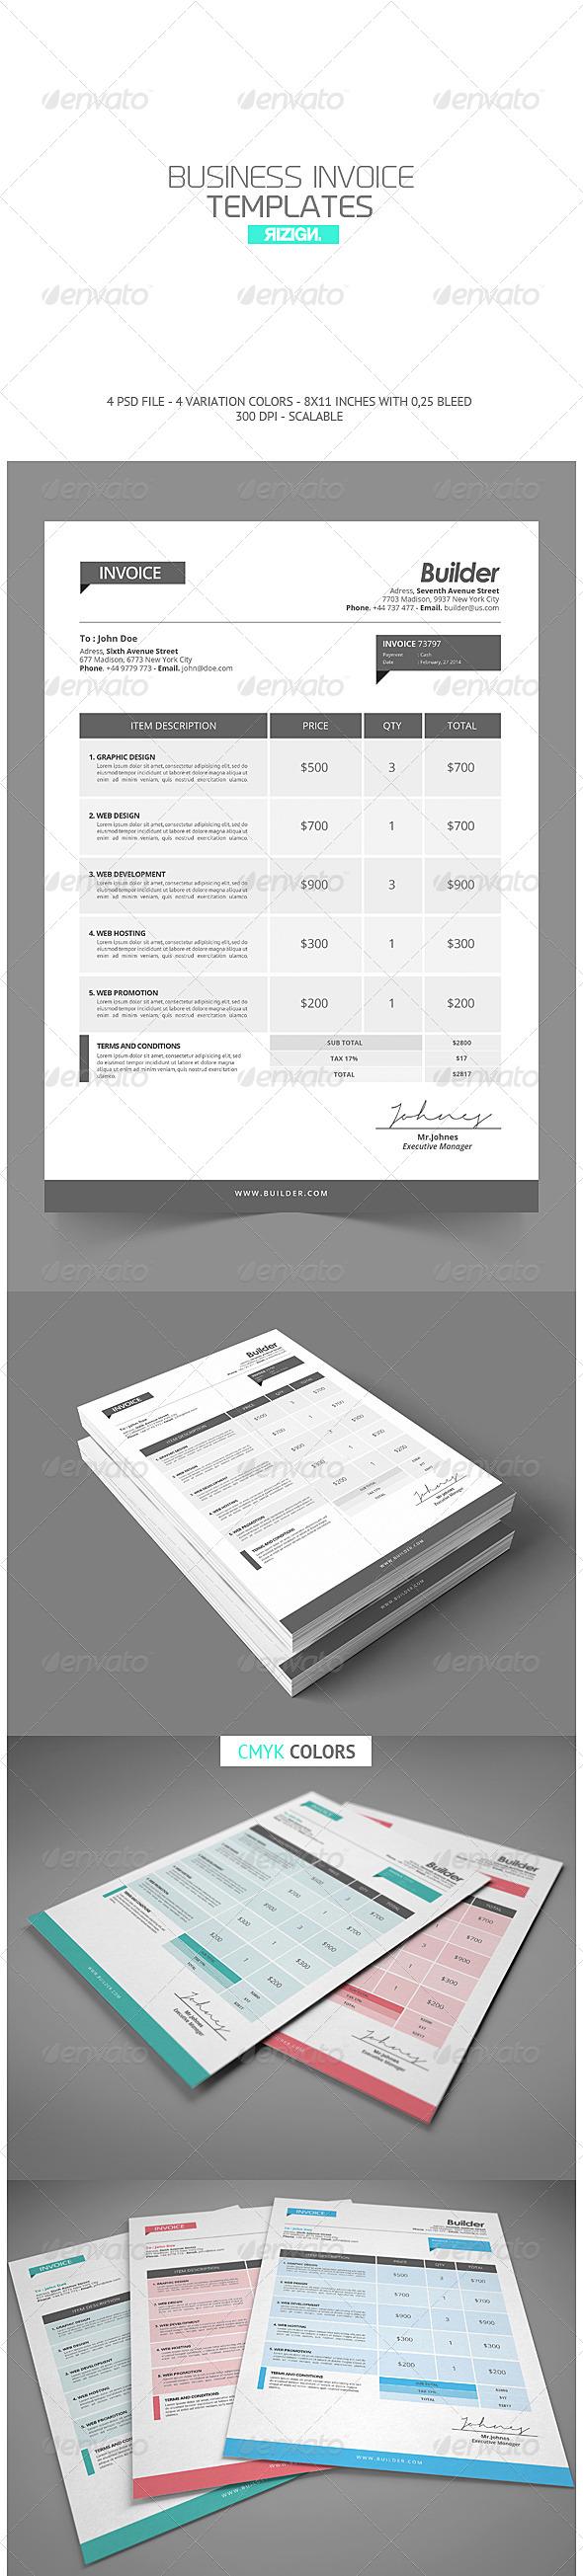 GraphicRiver Business Invoice 6887665